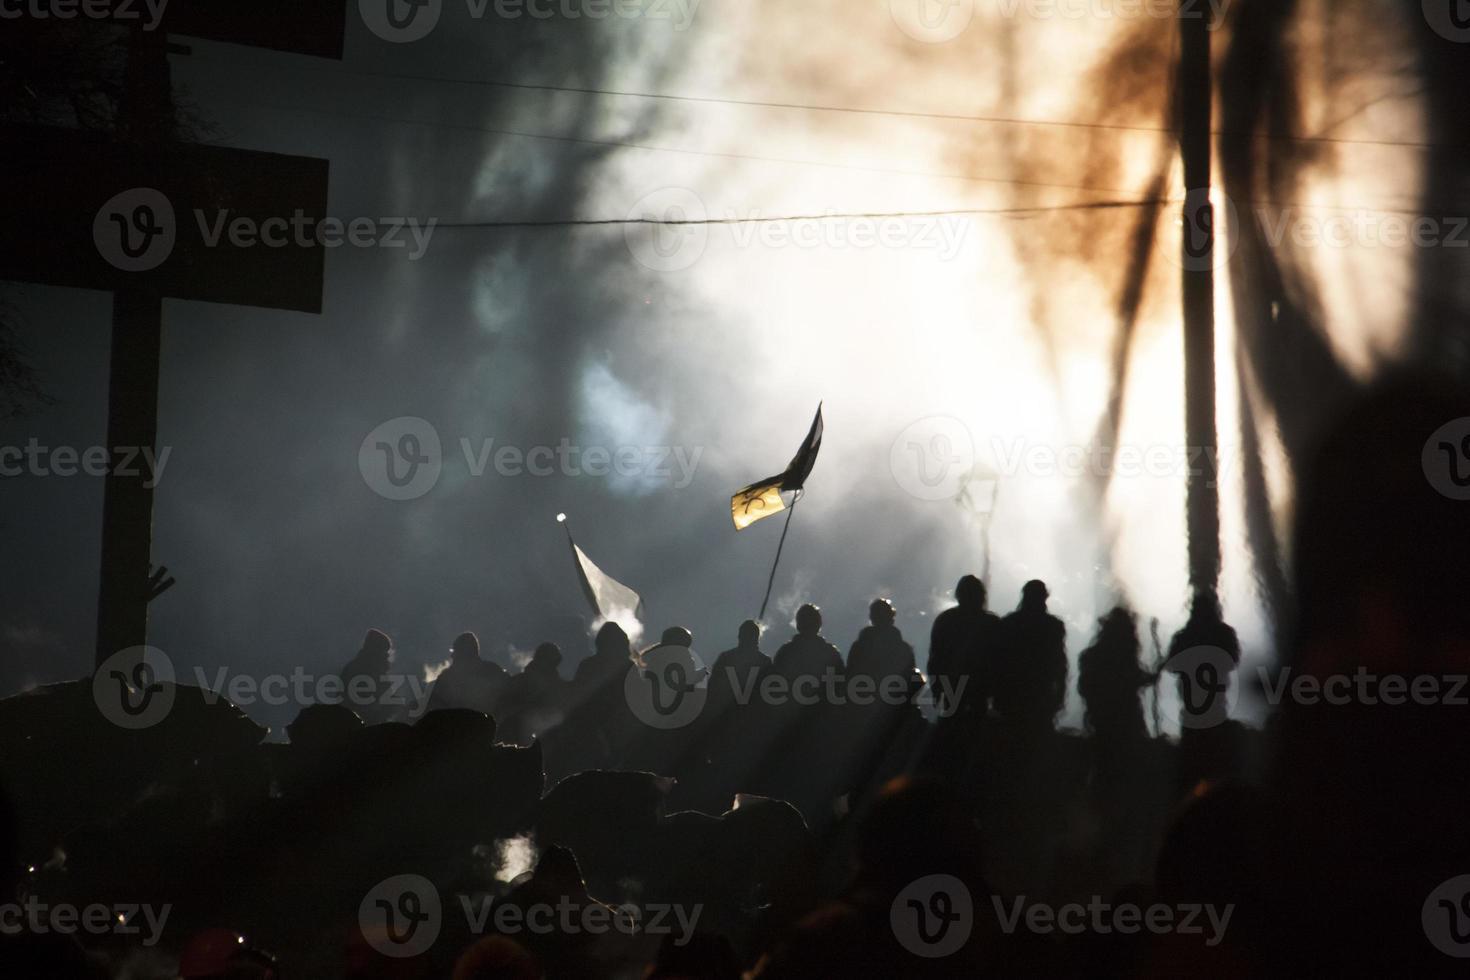 La calle Kiev durante la revolución llena de gente con bandera foto